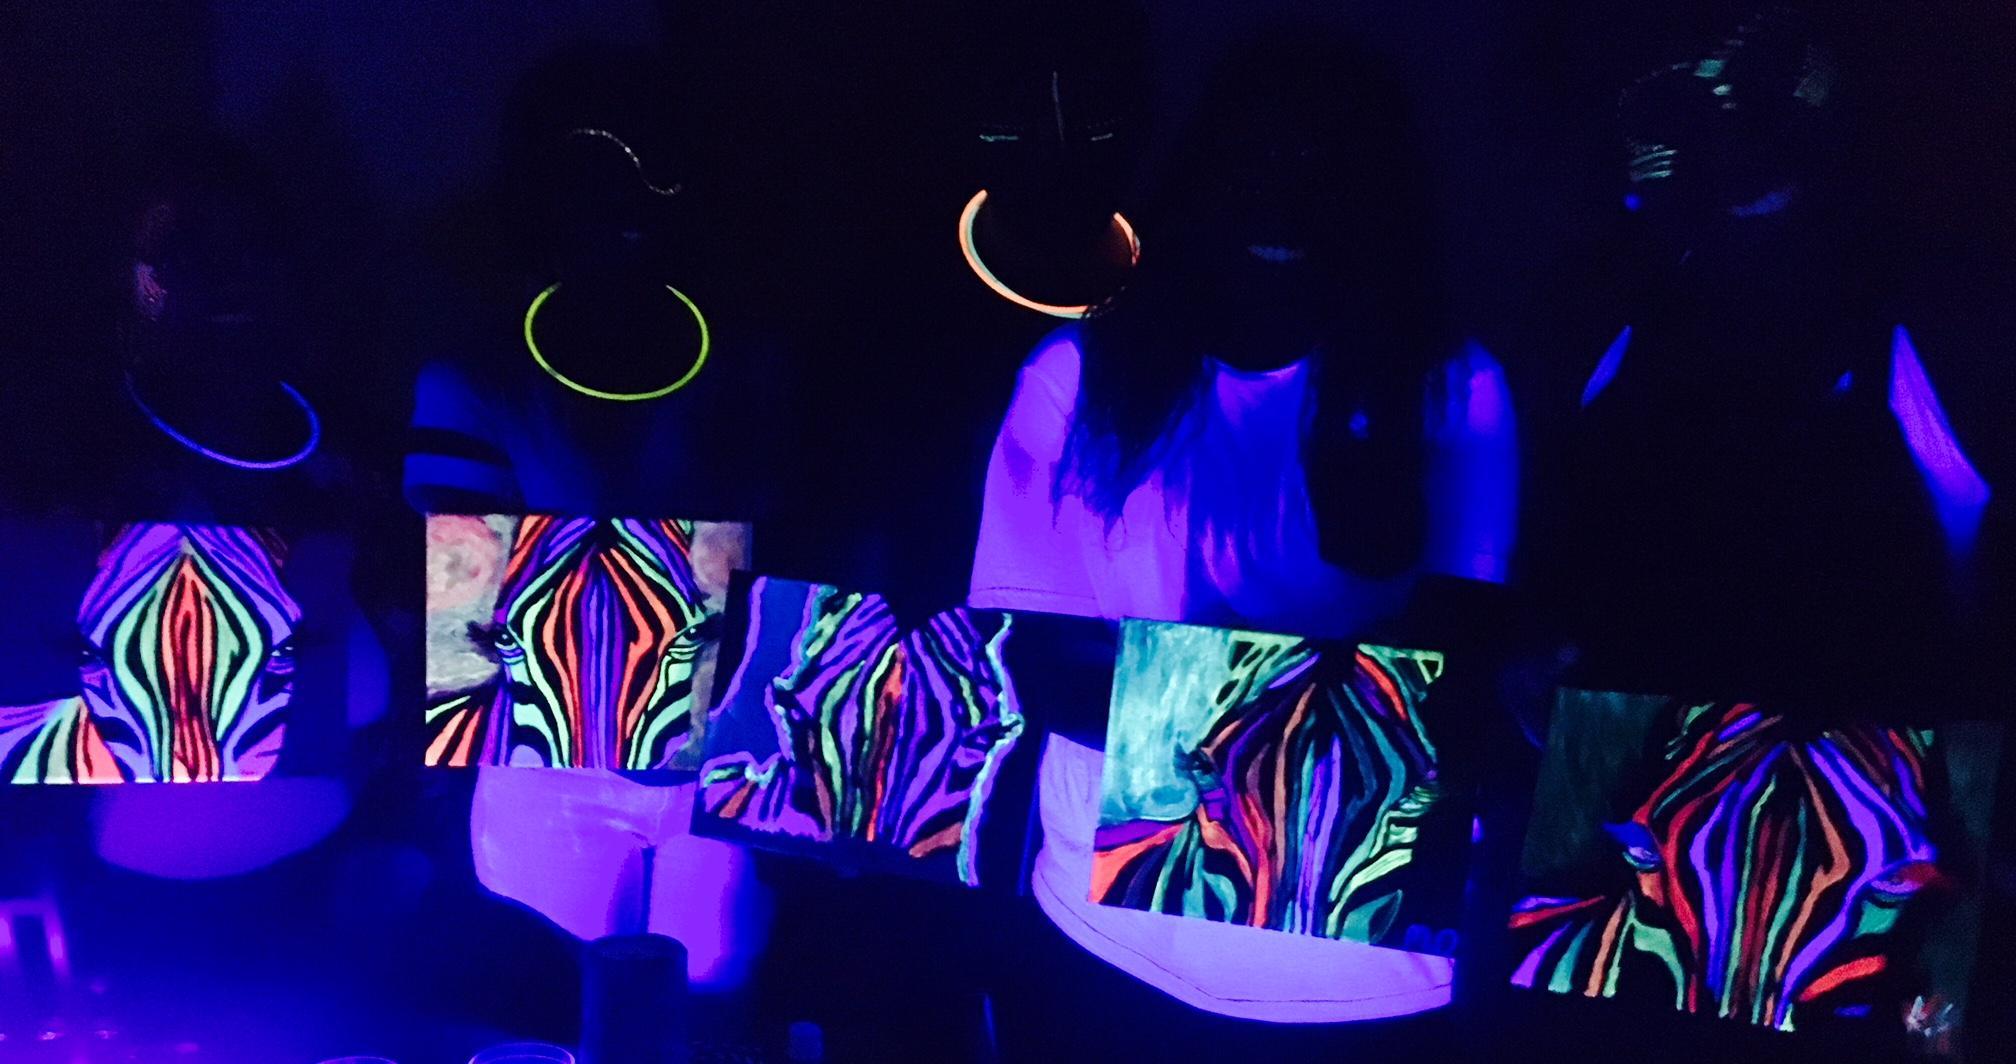 blacklight zebra group